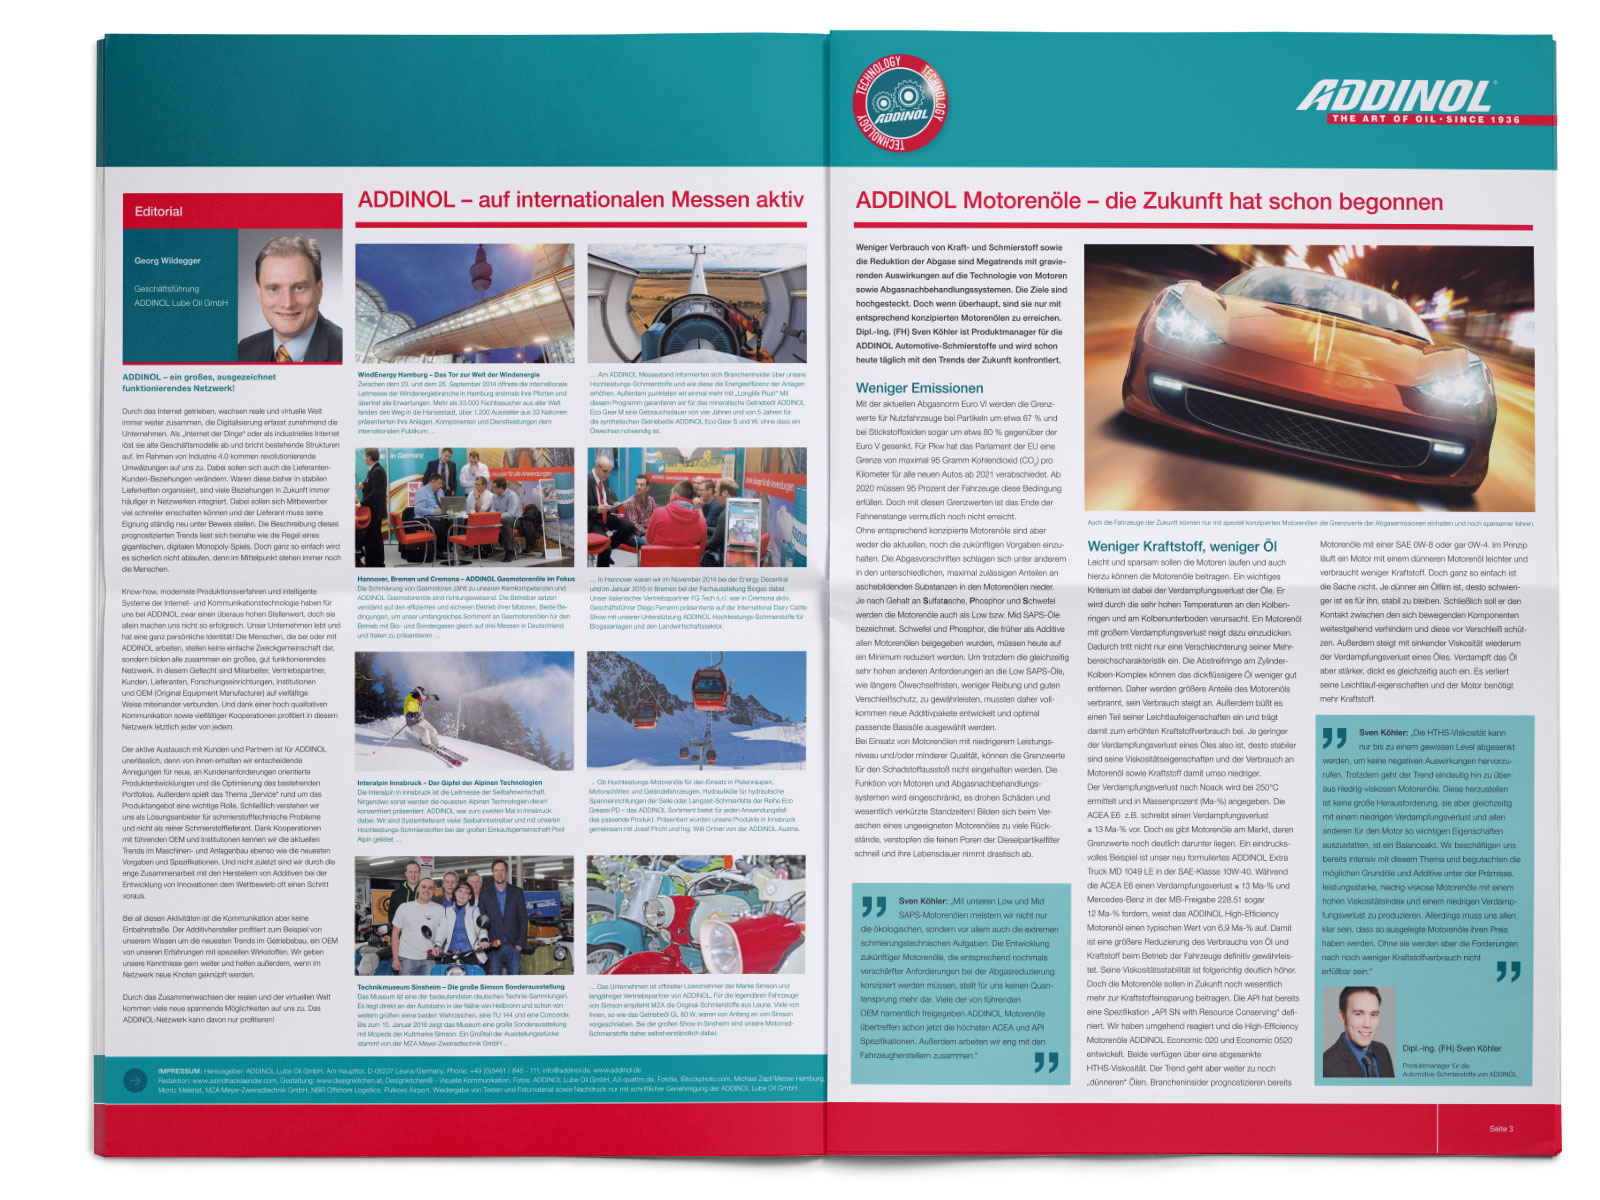 ergebnisse12_add-newspaper_designkitchen.jpg